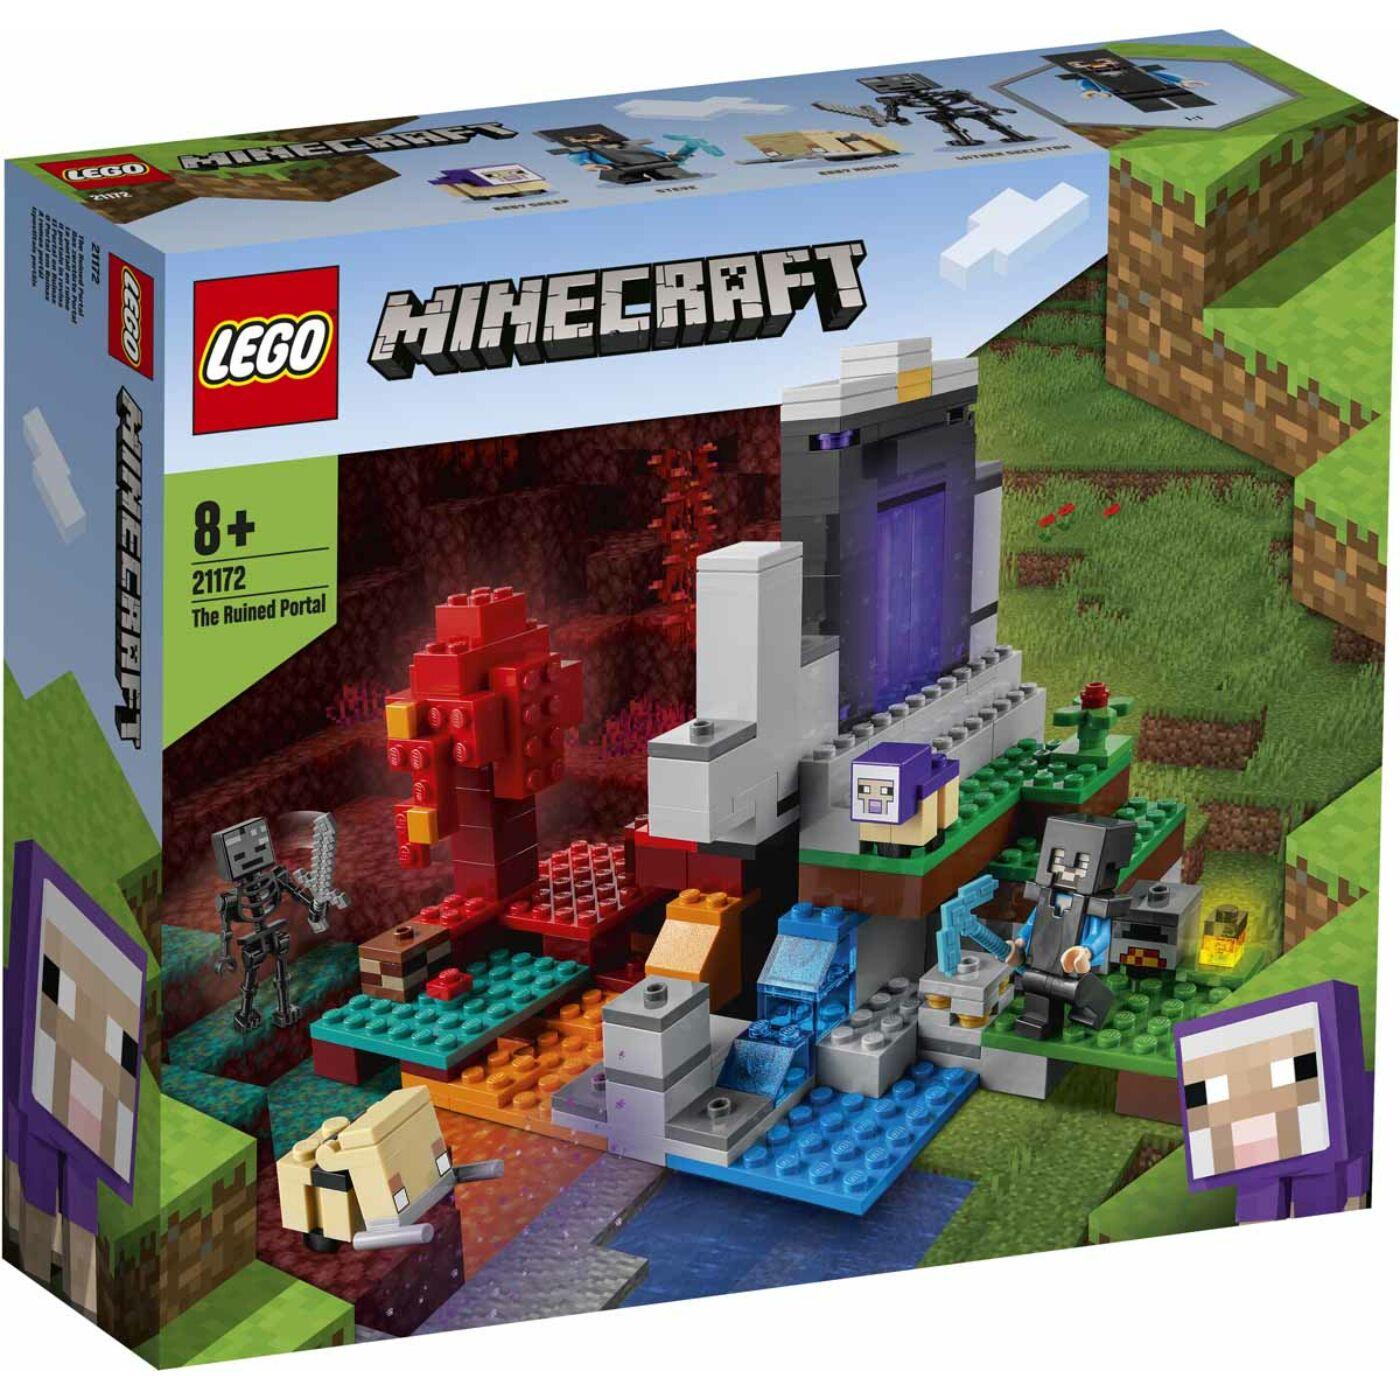 Lego Minecraft A romos portál